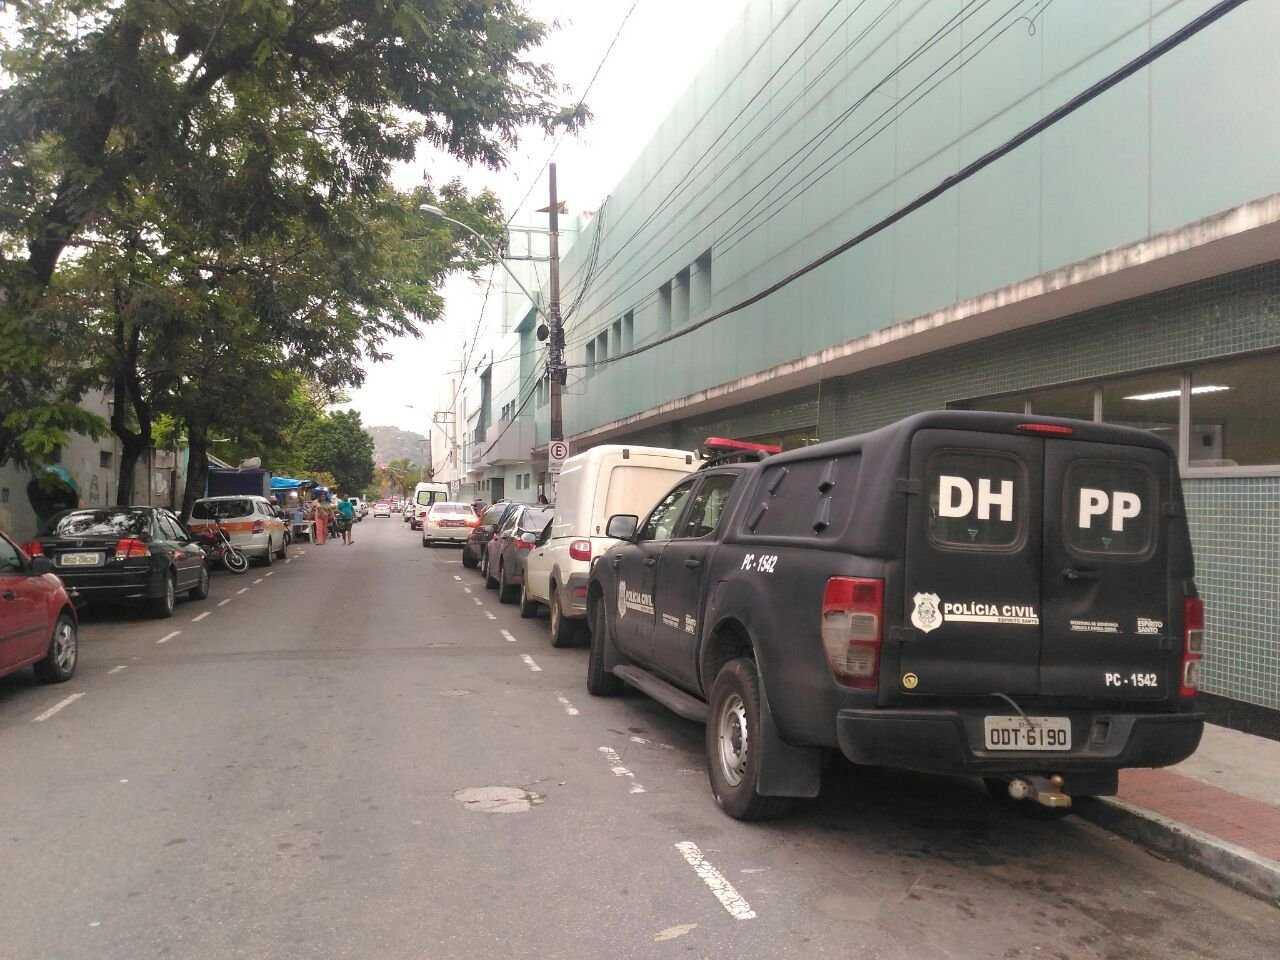 A vítima foi encaminhada para o Hospital São Lucas, em Vitória, onde permanece em estado grave /  Foto: Elis Carvalho